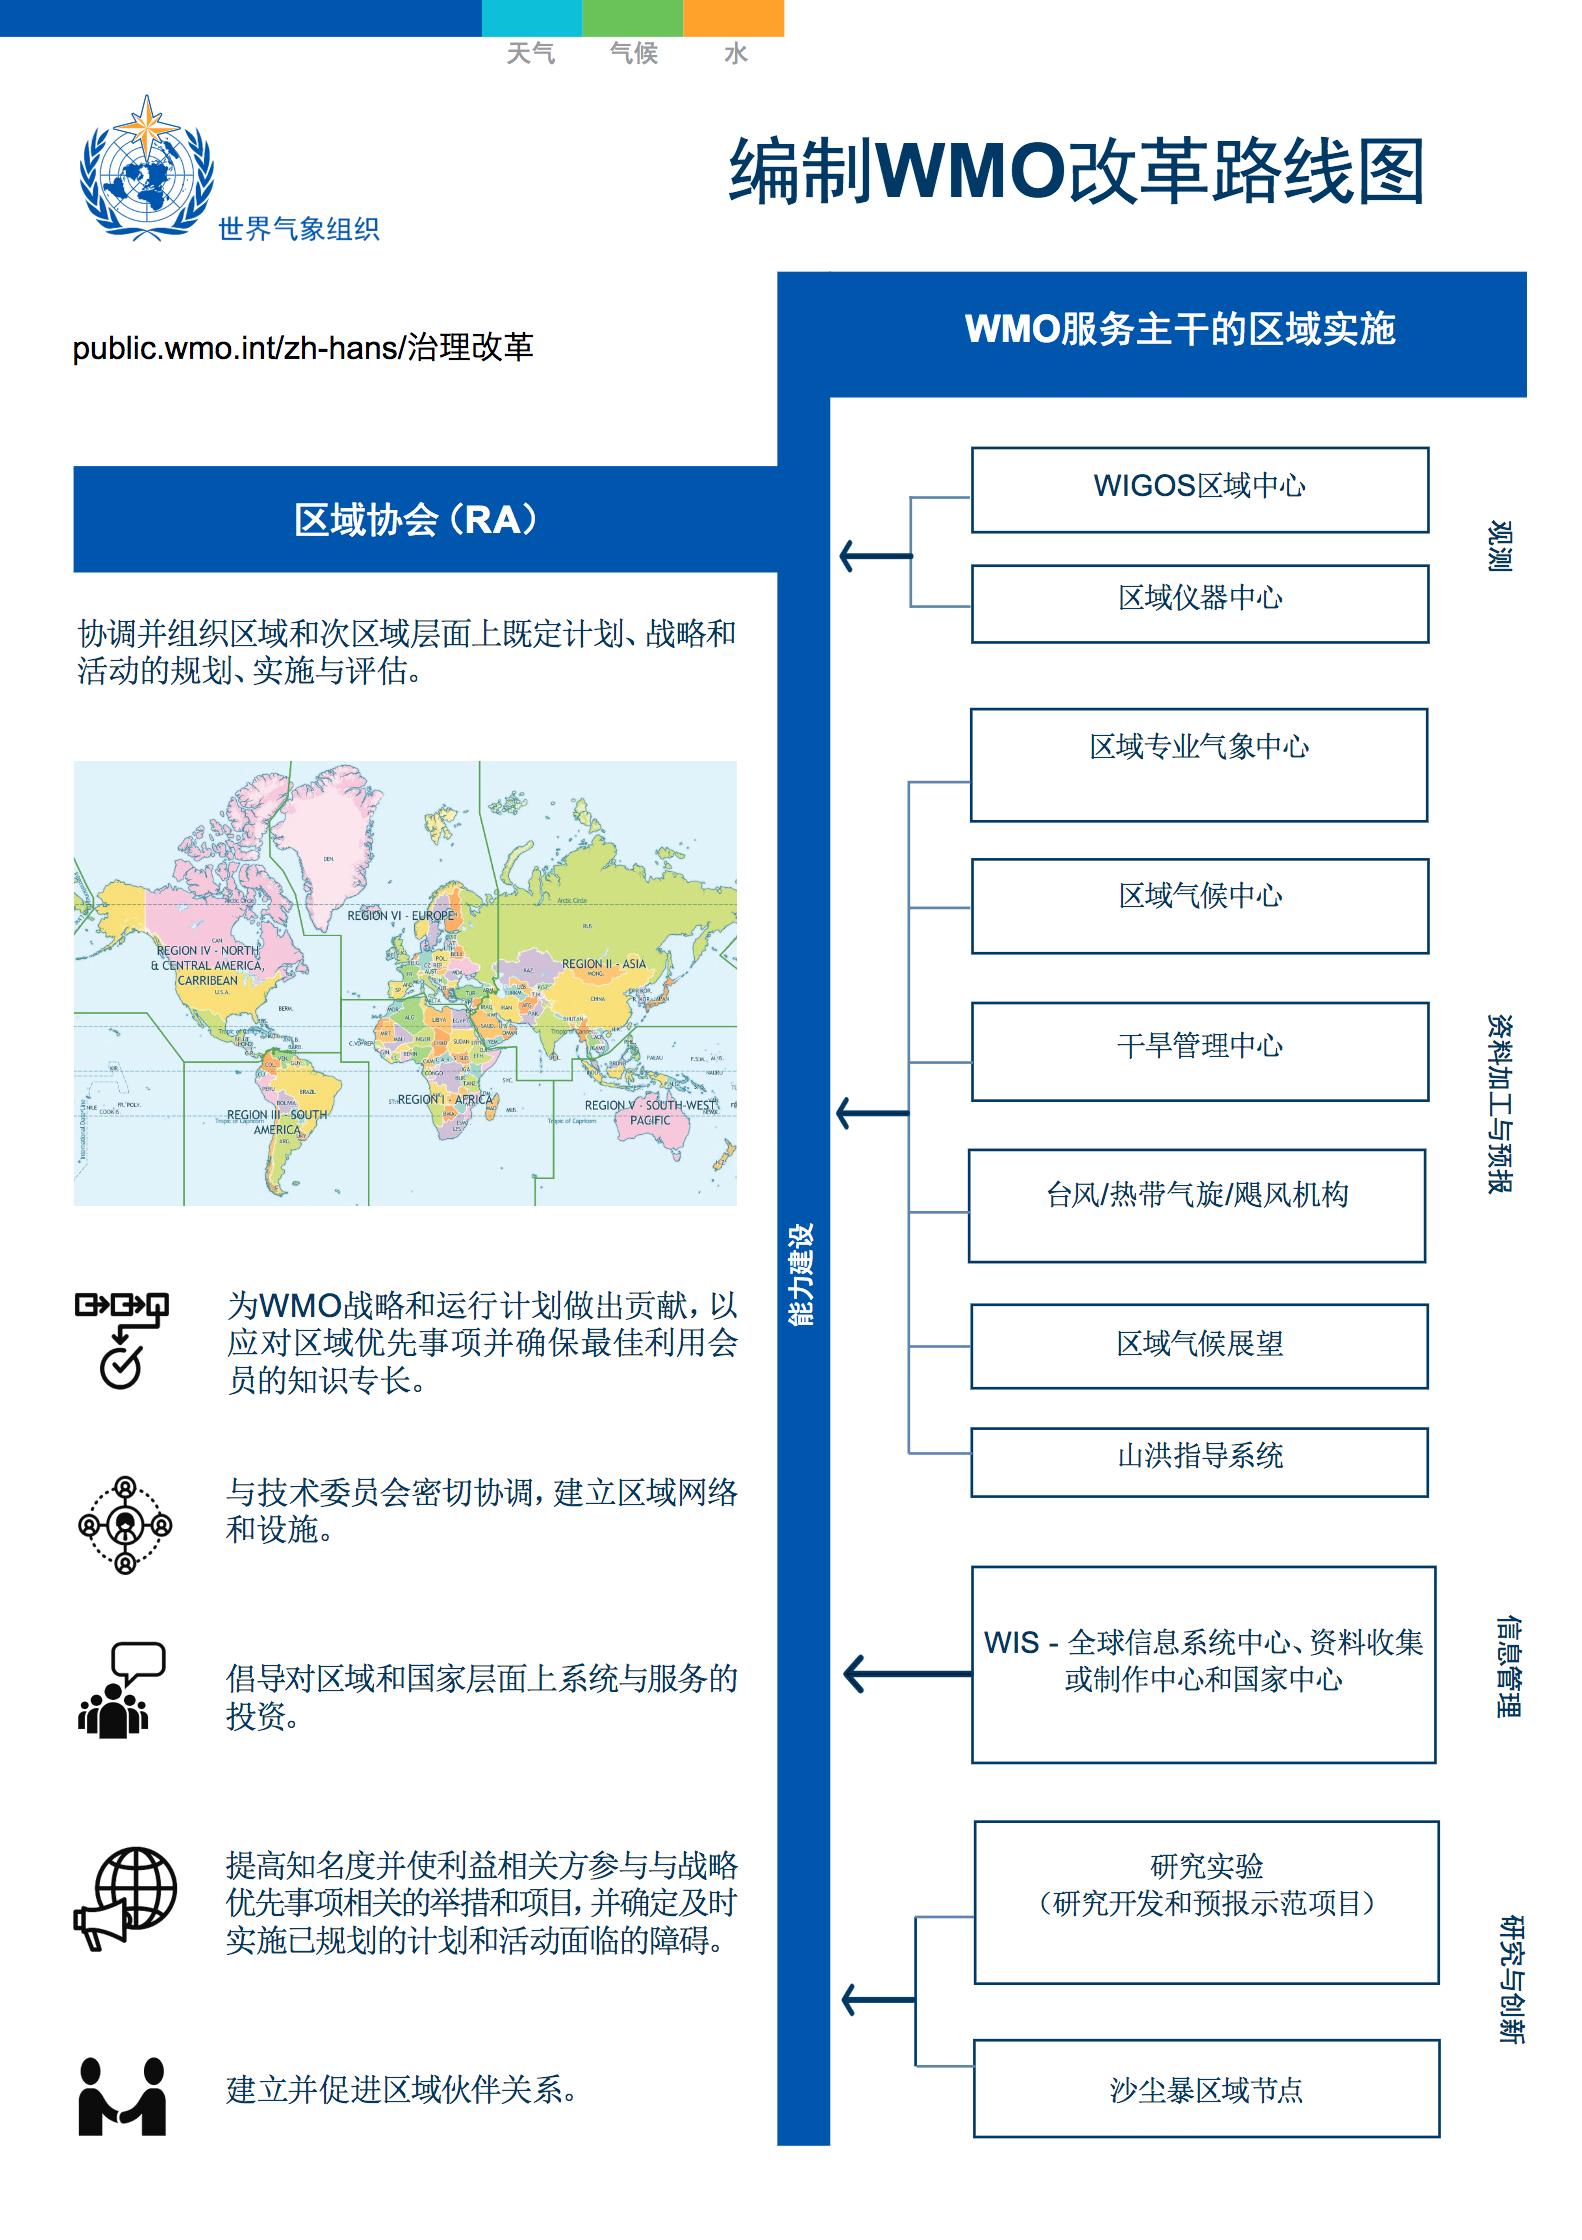 编制WMO改革路线图: 区域协会( RA )